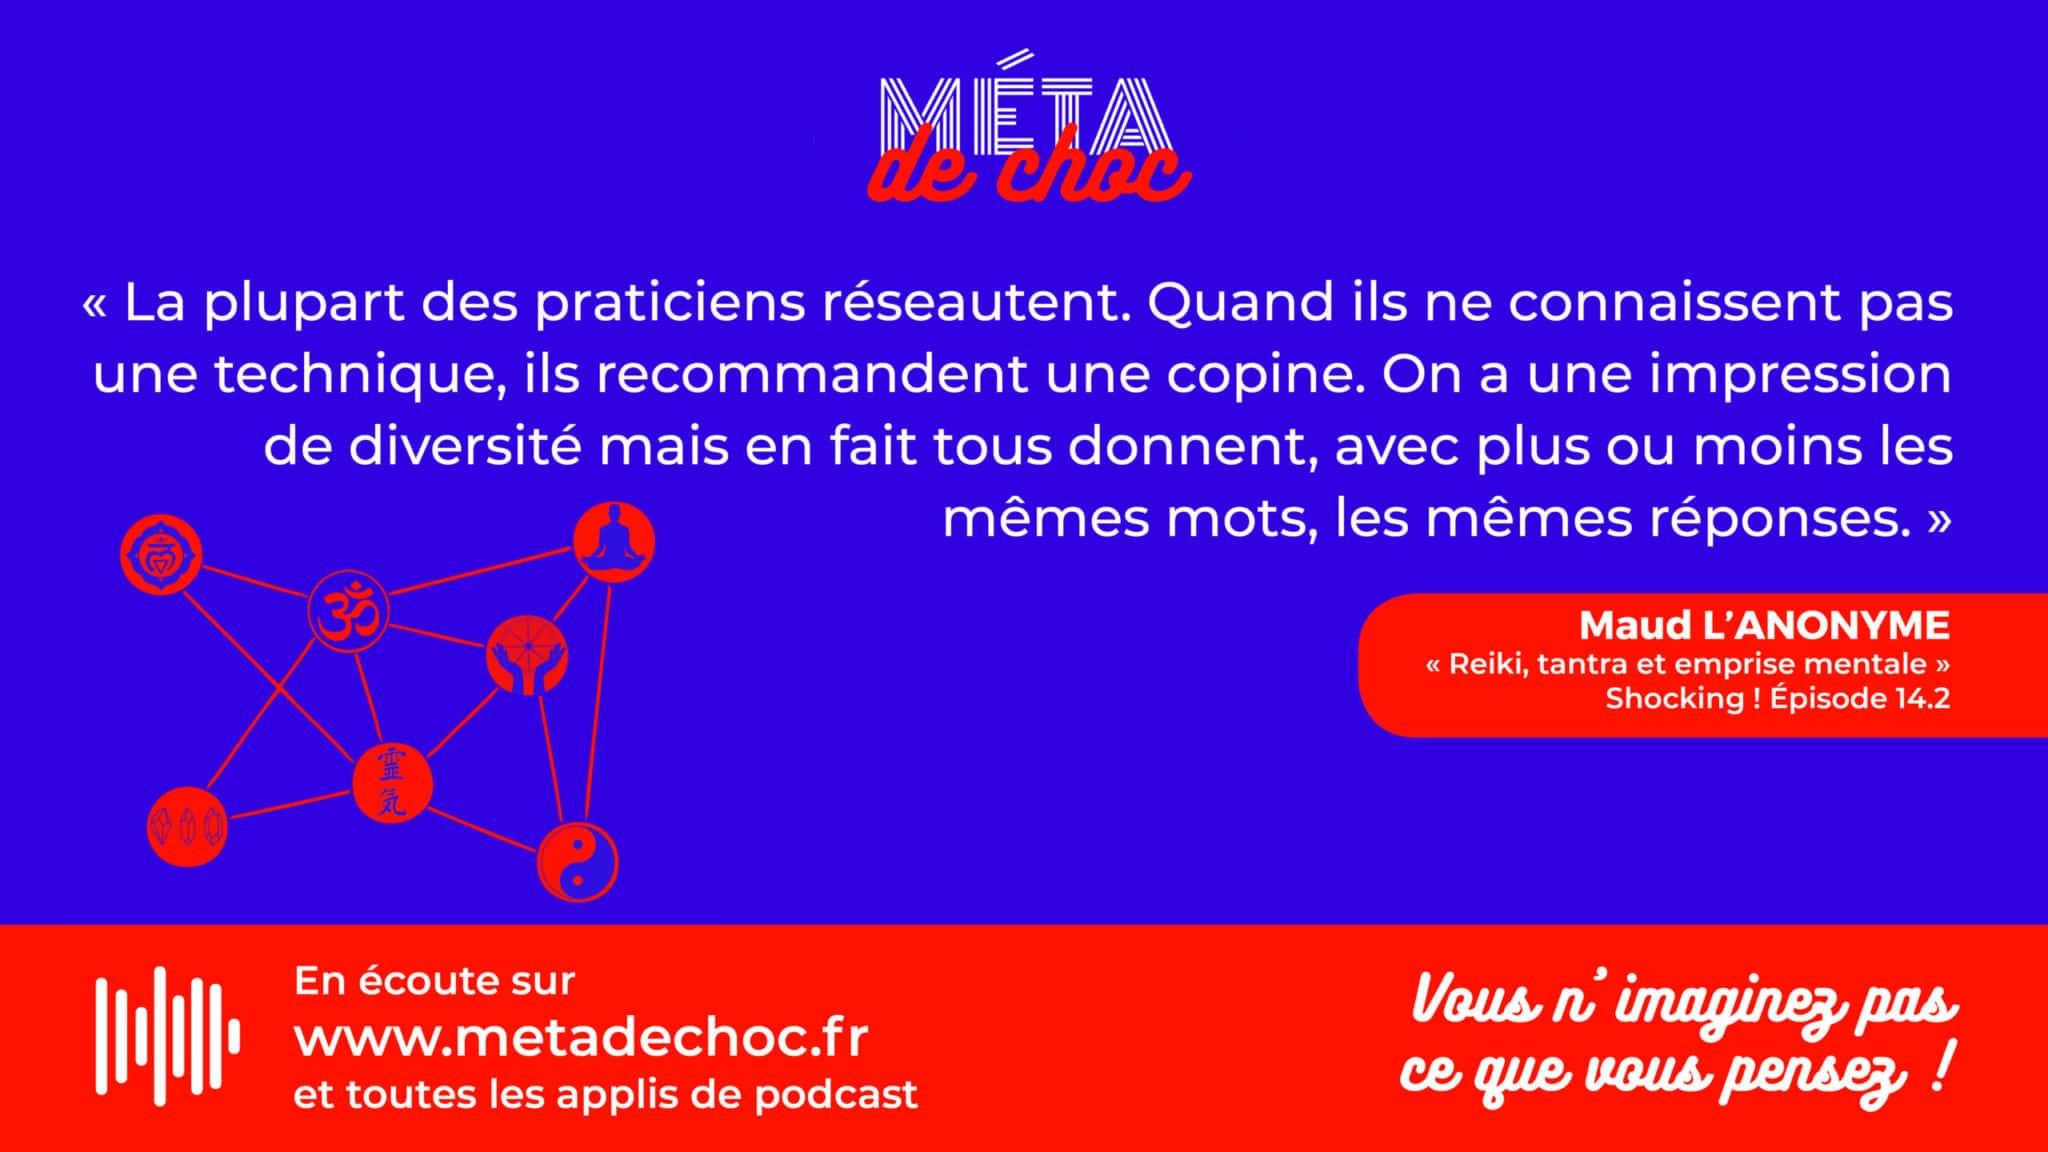 Thème du mème :  | Citation :  | Auteur.rice : Maud L'anonyme | Émission : Reiki, Tantra et emprise mentale | Image d'illustration :